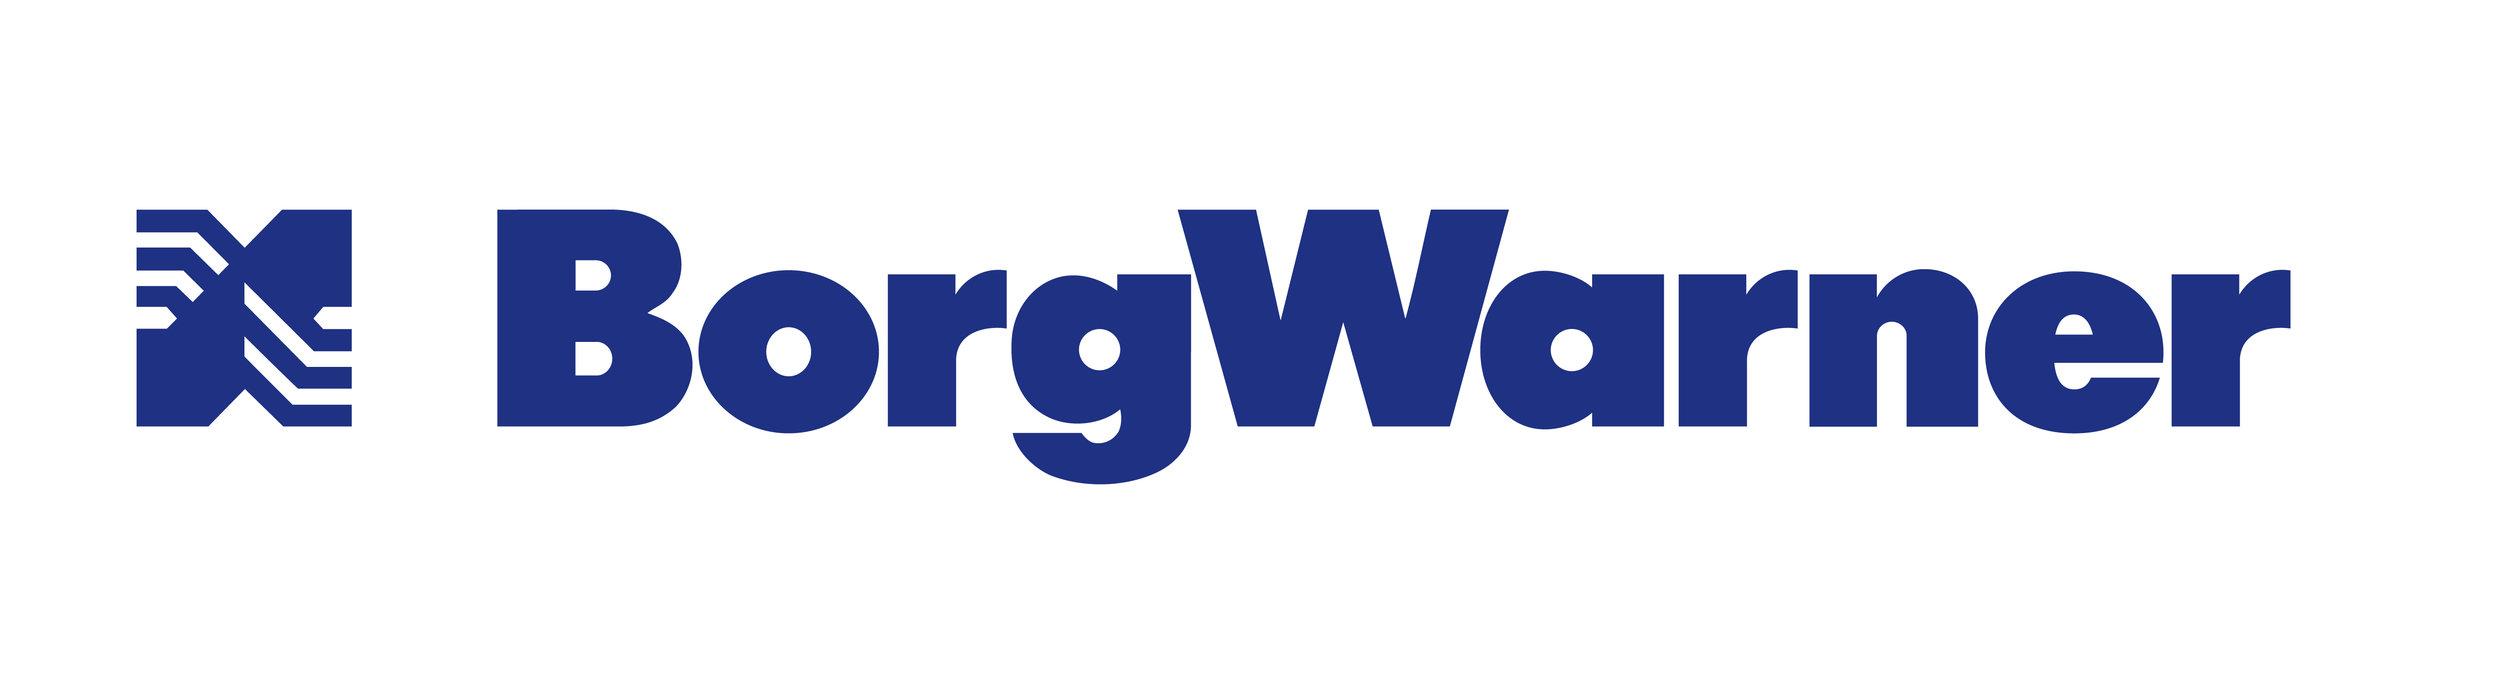 BorgWarner-Logo-1.jpg